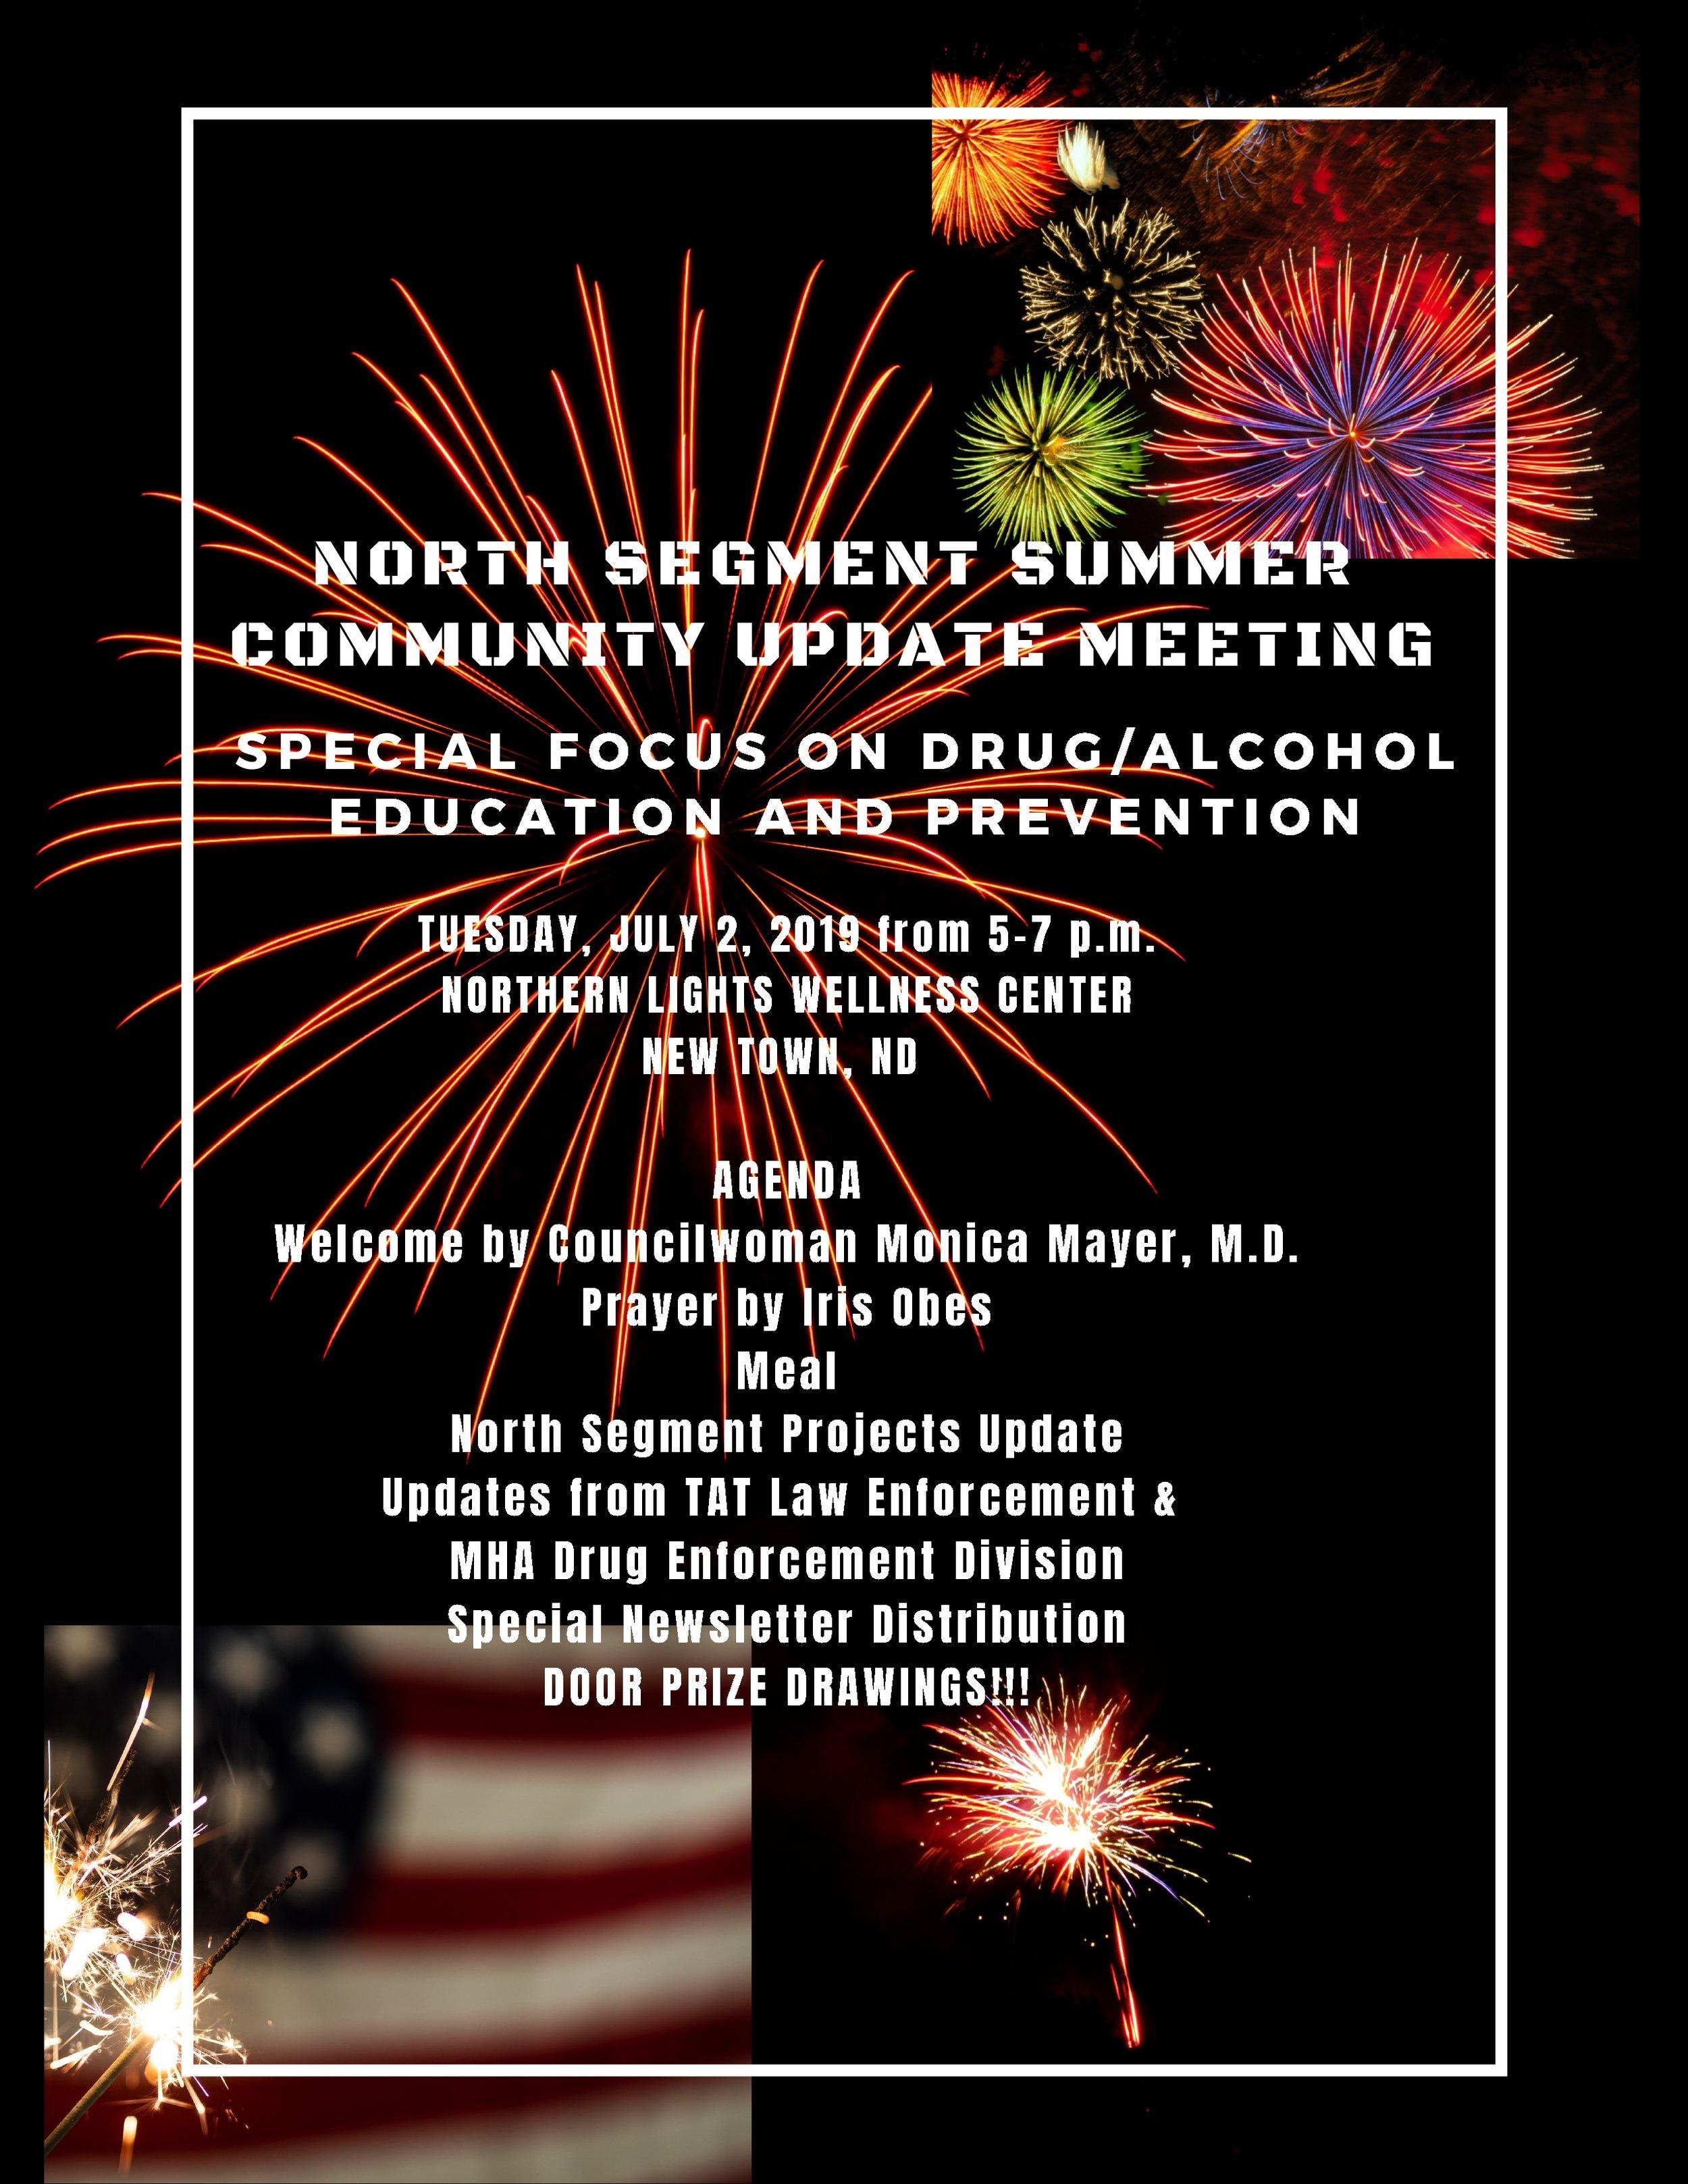 North Segment Community Update Summer Meeting.jpg